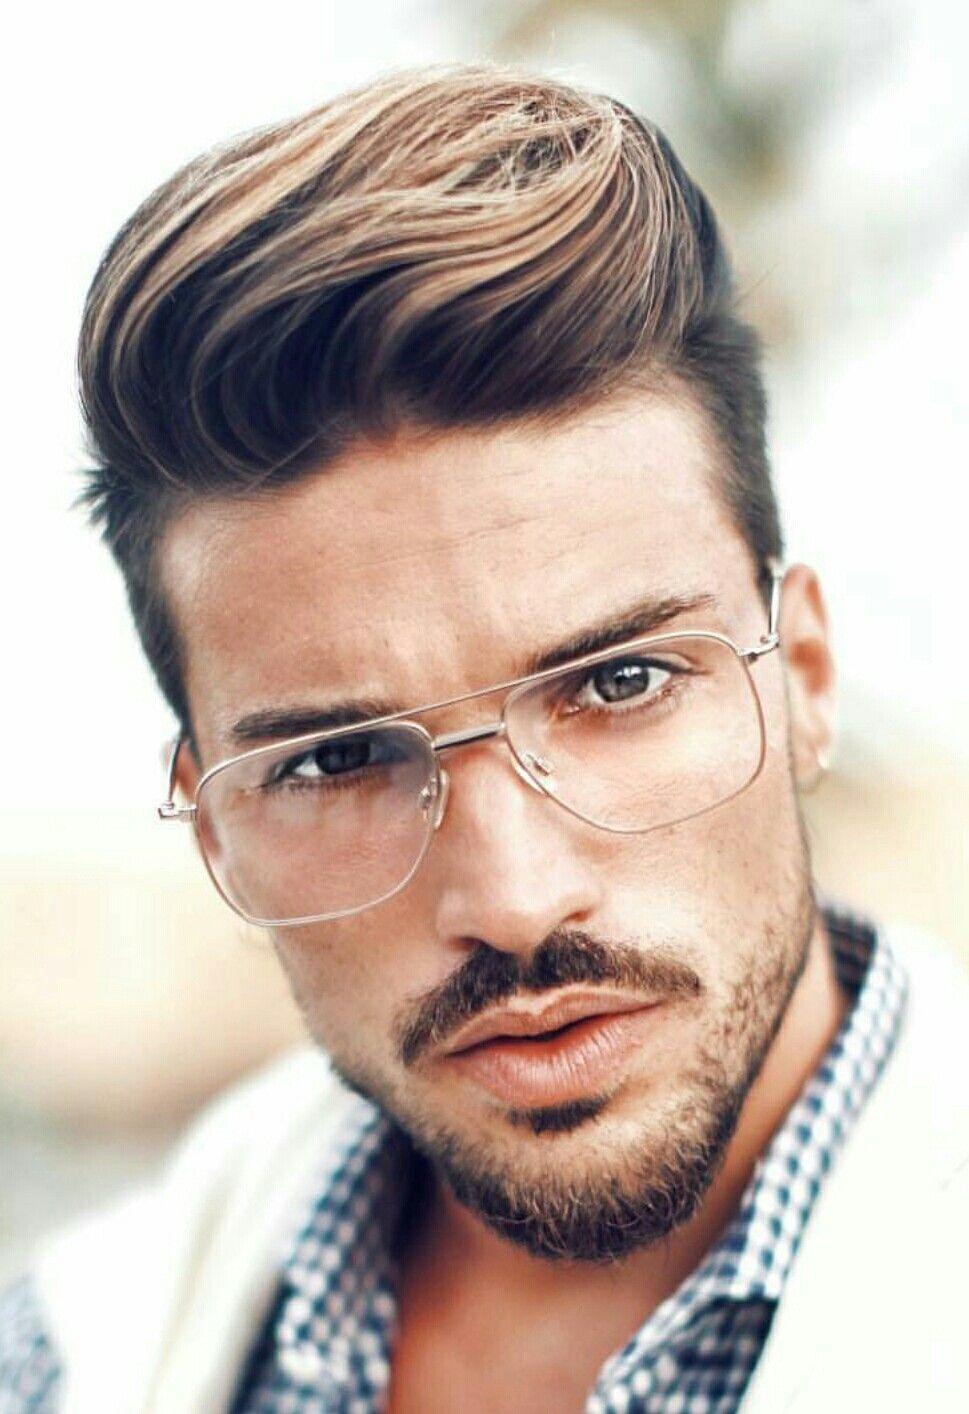 21+ Flat iron hairstyles men ideas in 2021